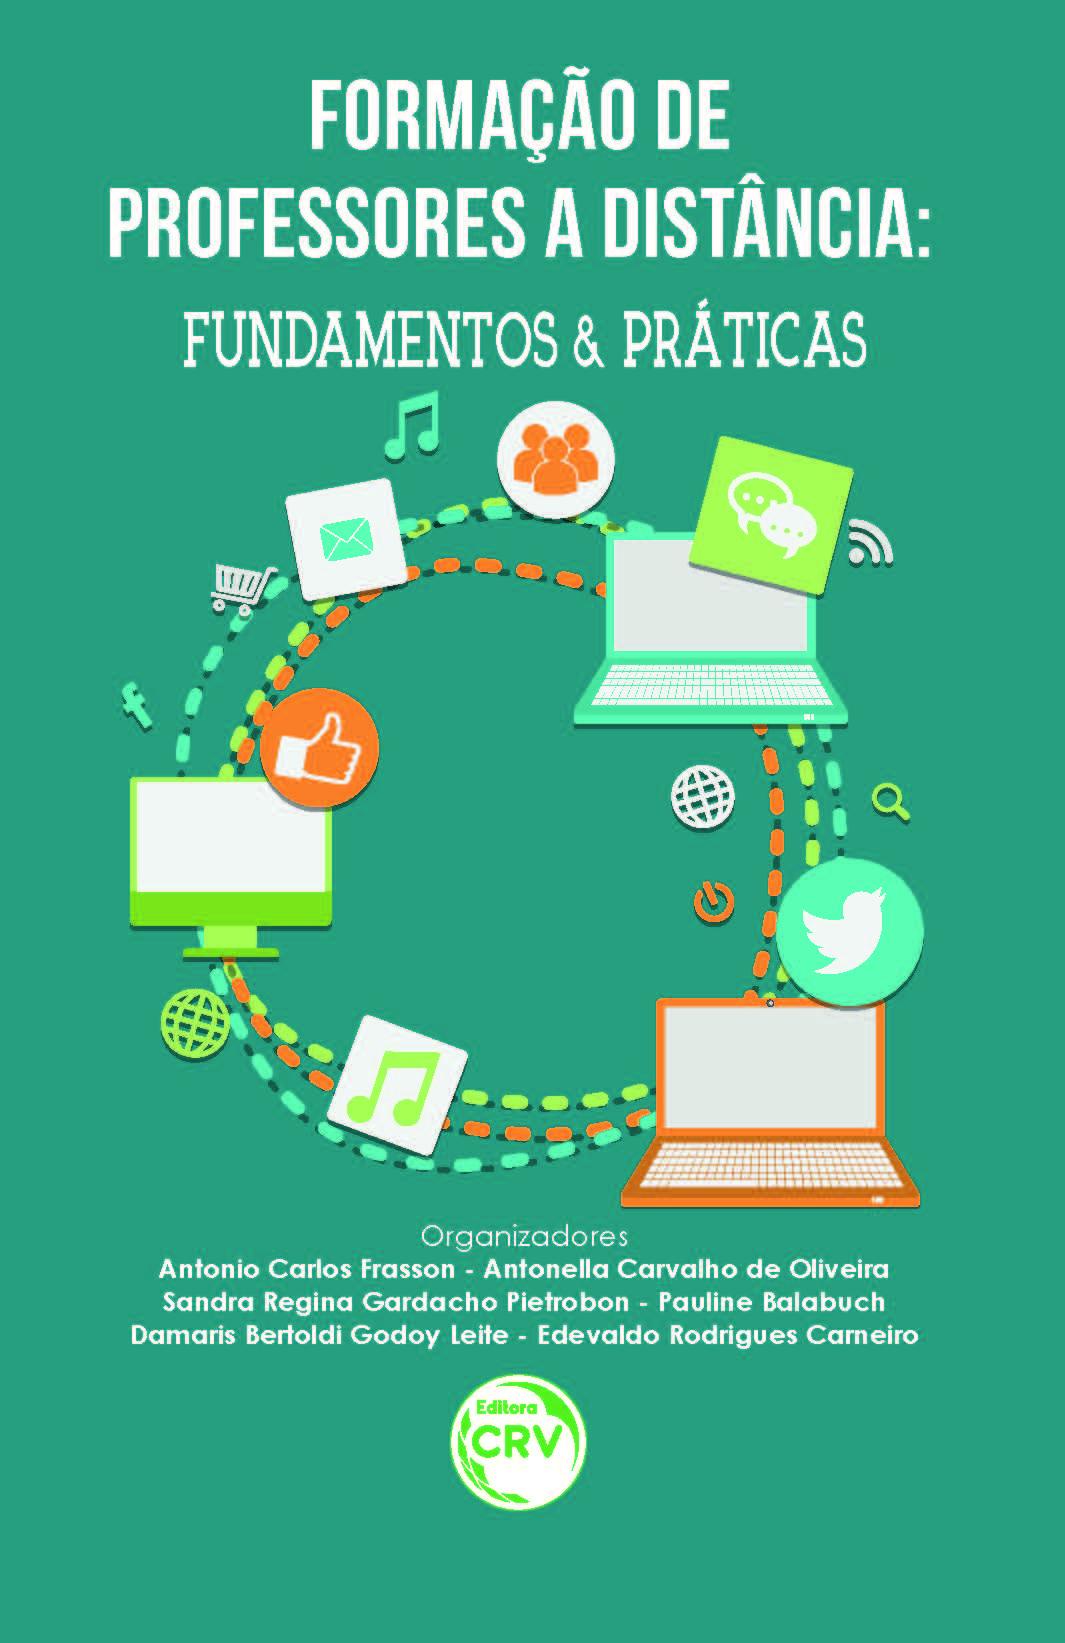 Capa do livro: FORMAÇÃO DE PROFESSORES A DISTÂNCIA:<br>fundamentos e práticas